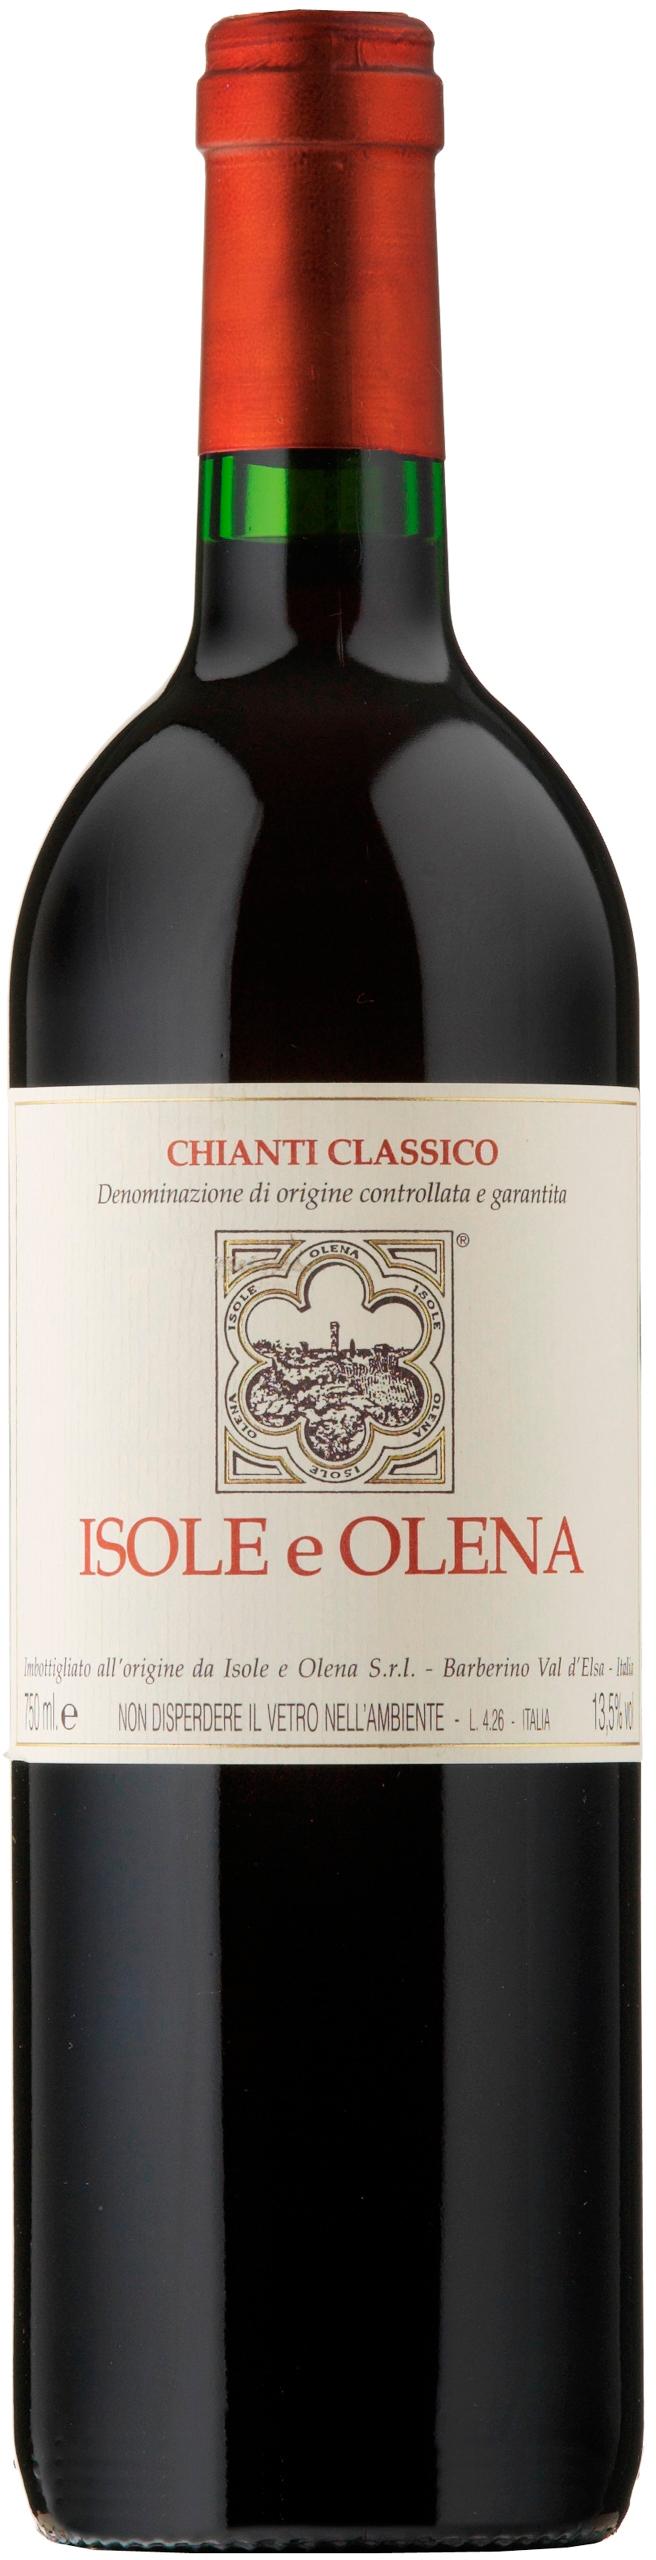 Isole e Olena, Chianti Classico 2014